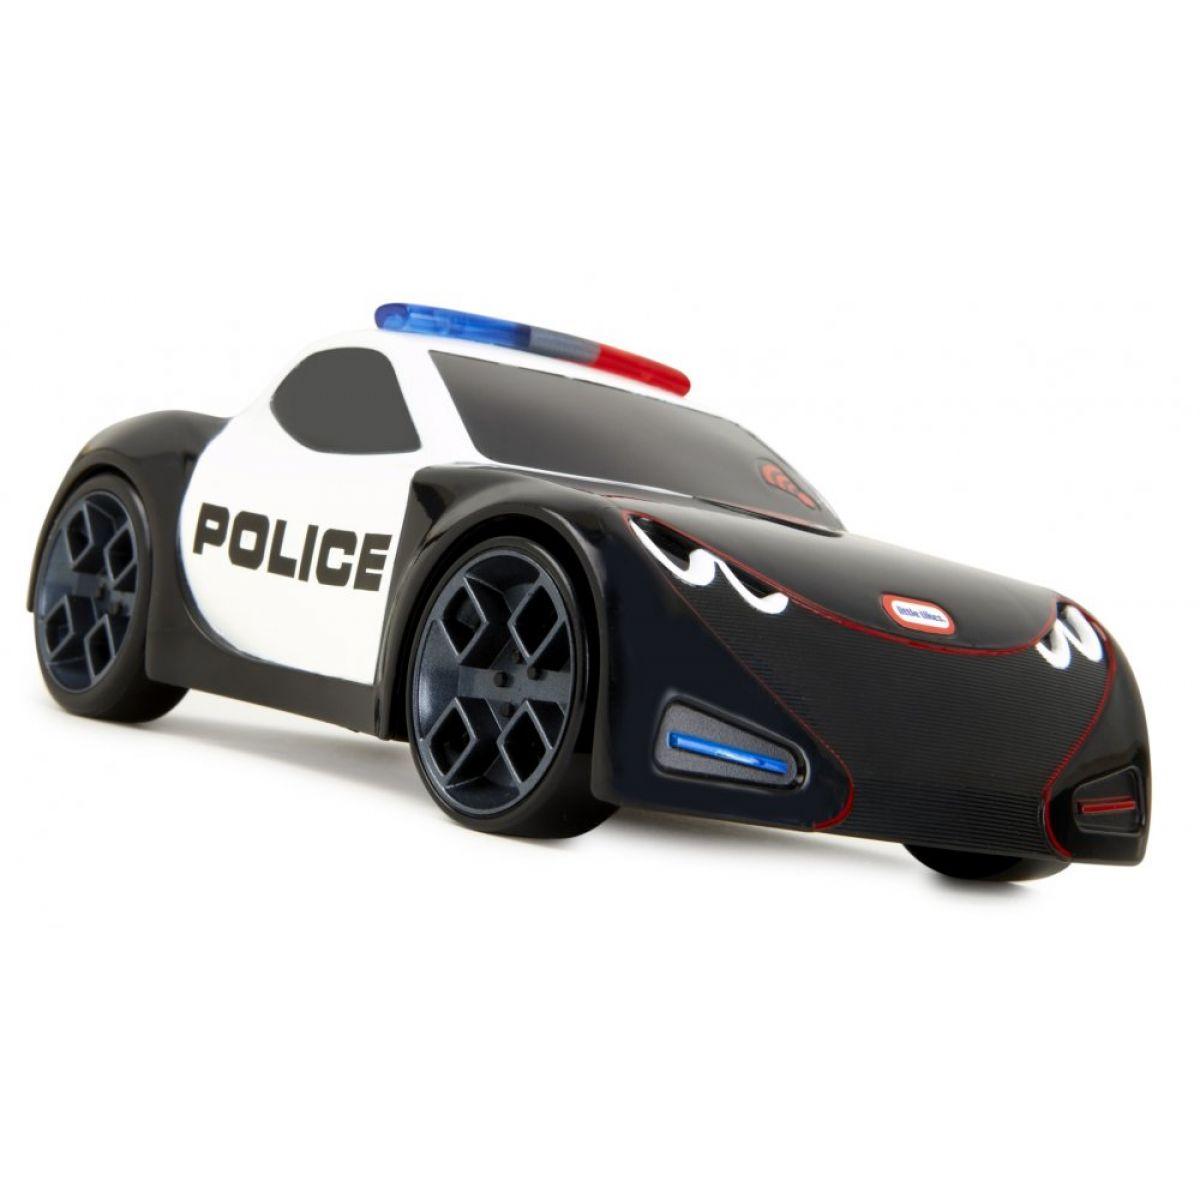 Little Tikes Interaktivní autíčko policejní černé